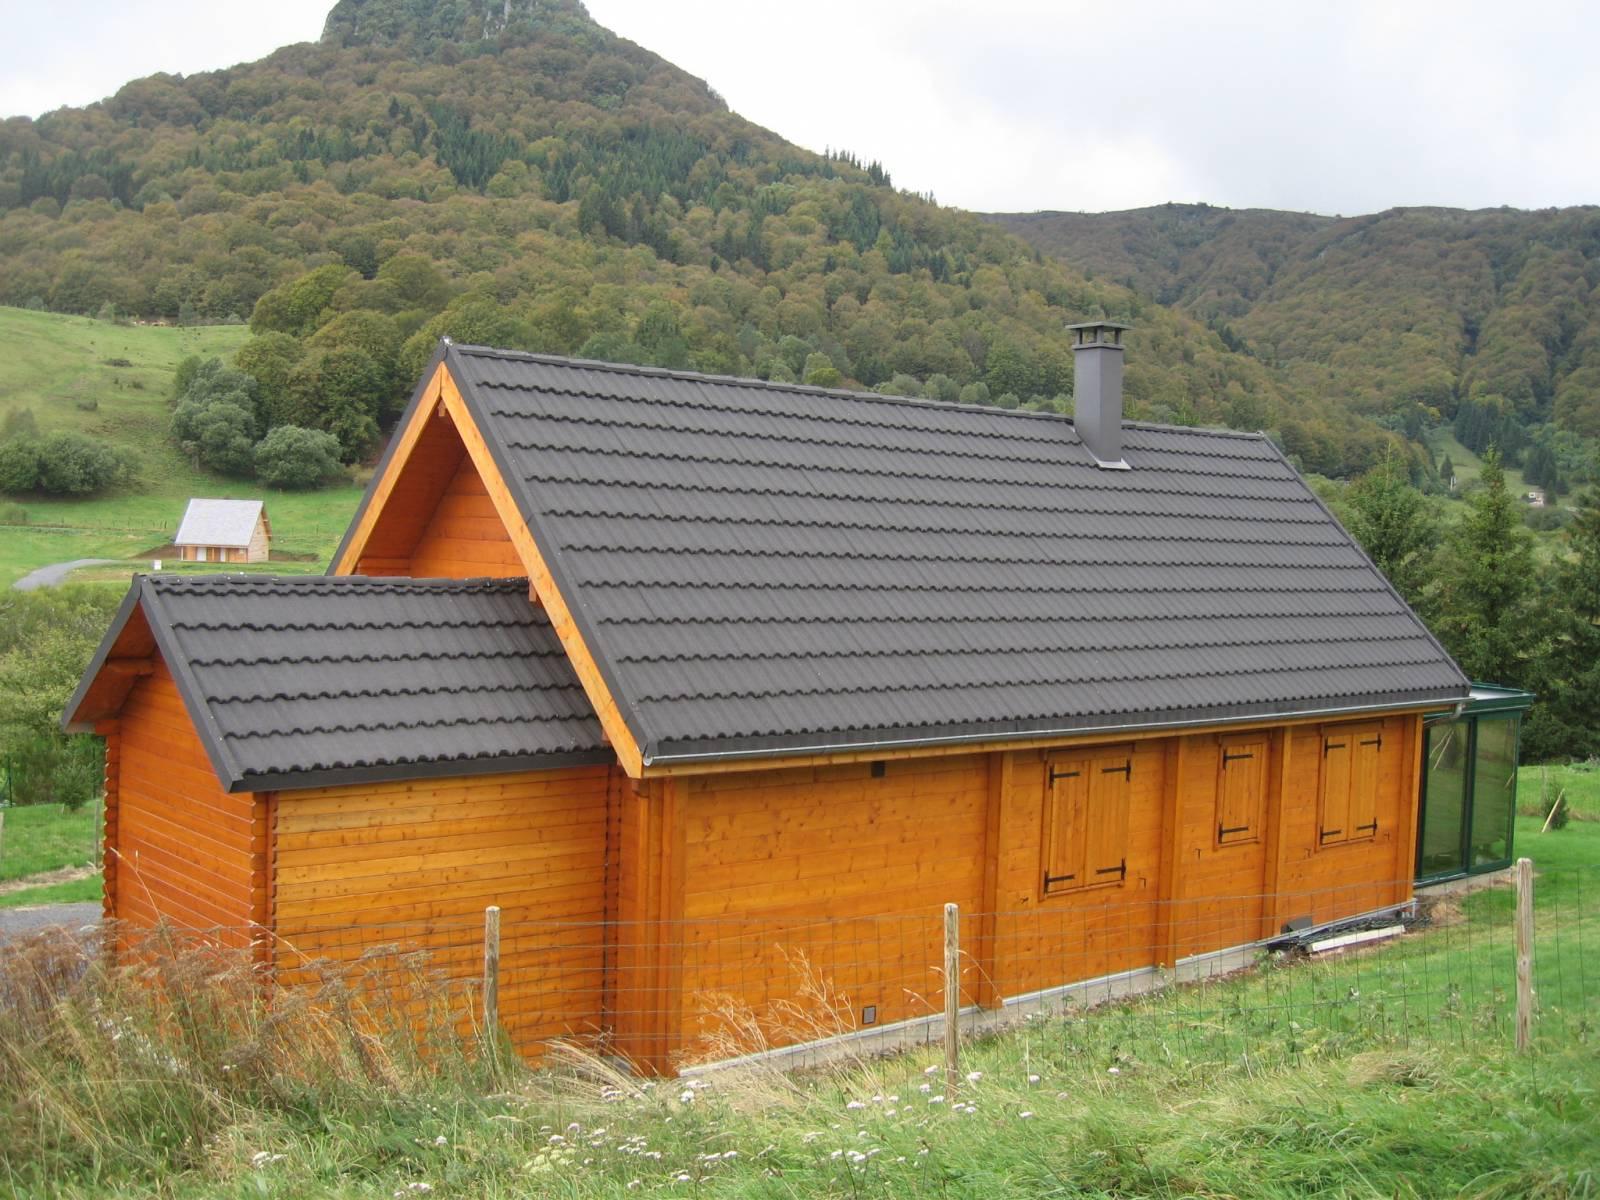 Toiture de Maison en Construction Bois - Fabrication & livraison de tuiles Lyon - Matériaux ...